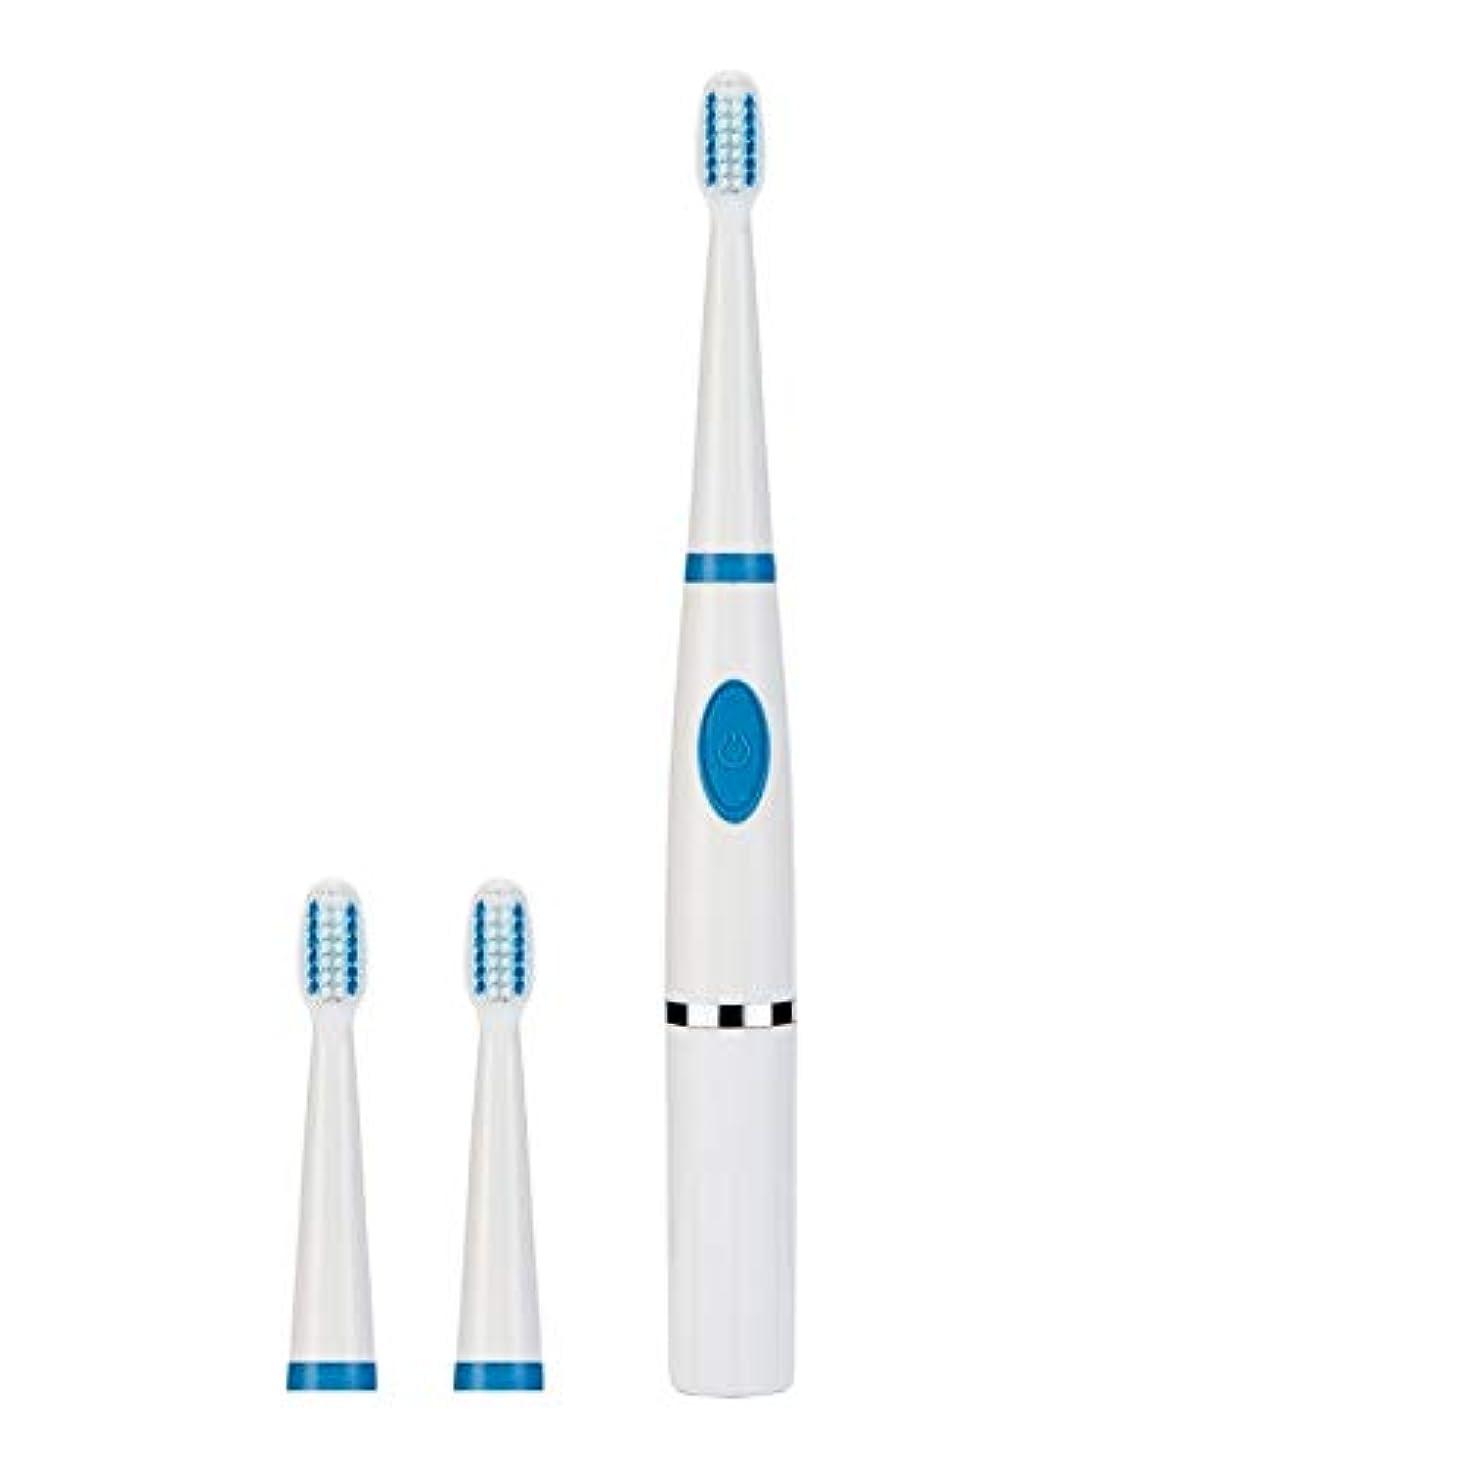 雇うコートロック解除YPZHEN 携帯用音波の電動歯ブラシのカップル旅行歯ブラシ (色 : Blue)